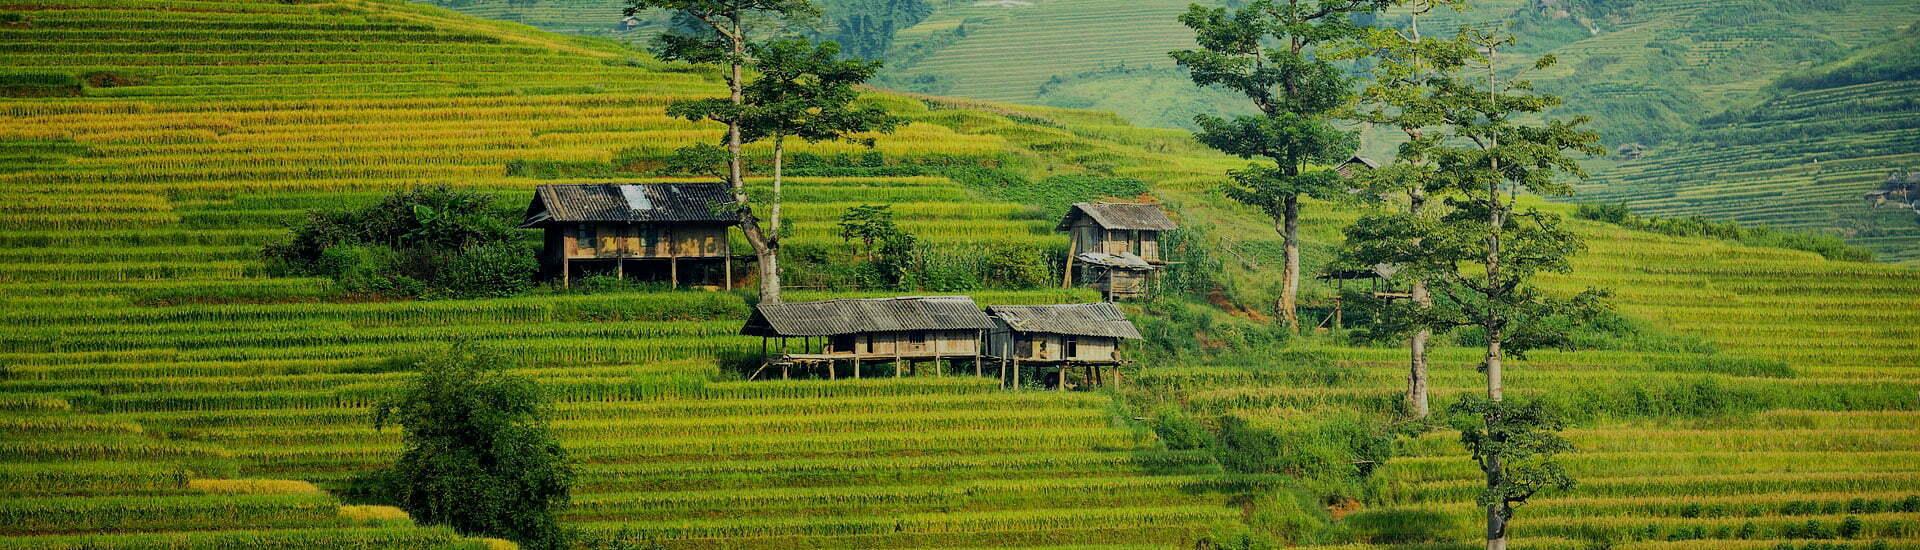 rizières et paysages de montagnes au Vietnam